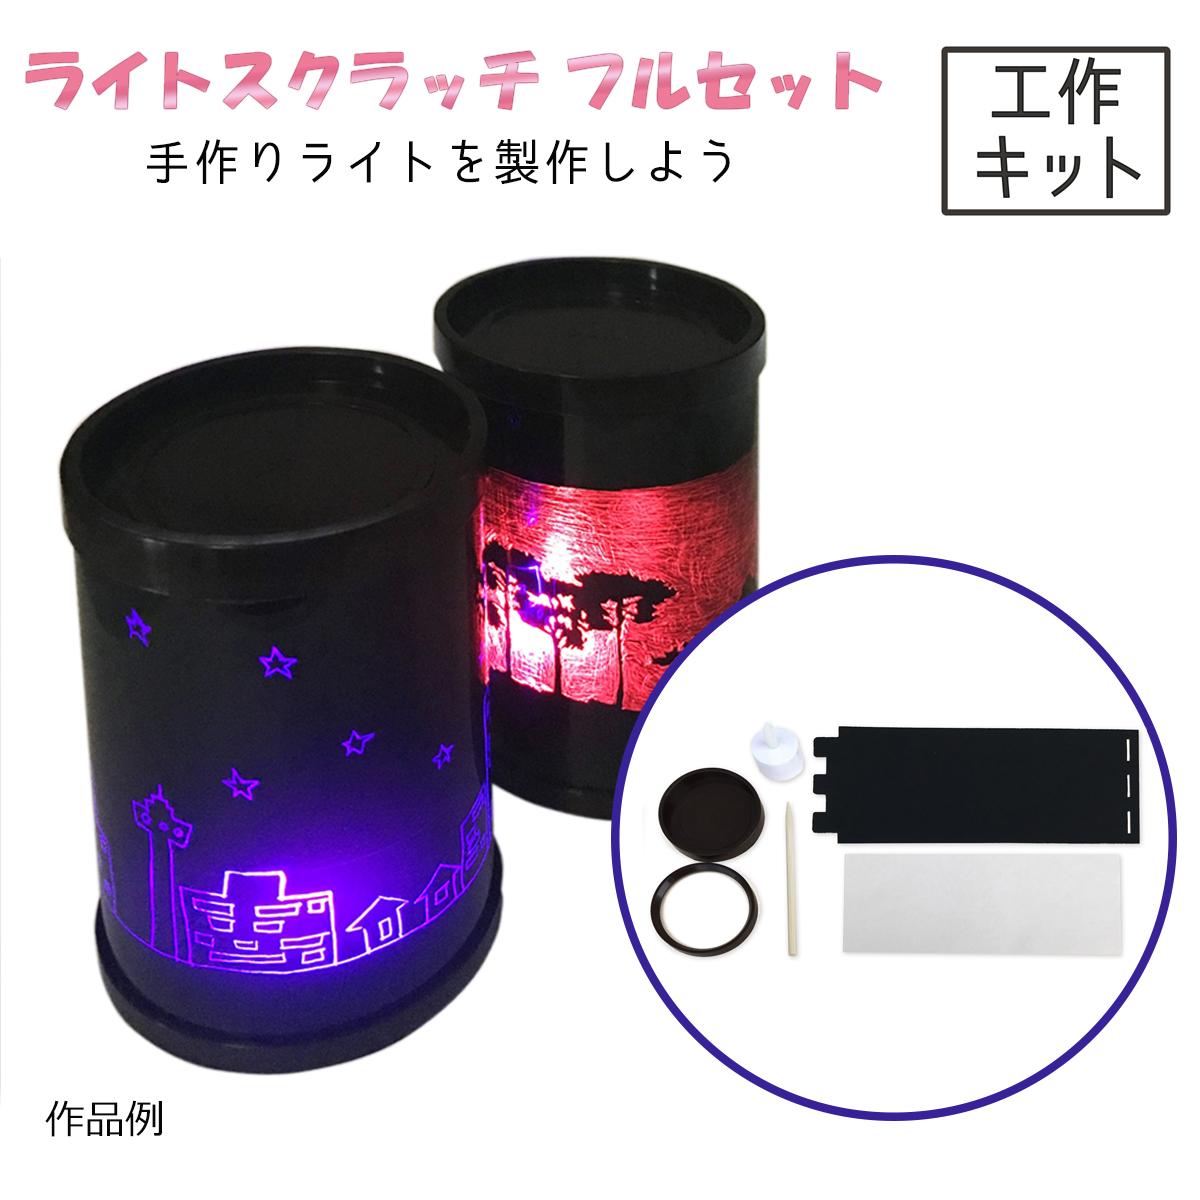 ランプシェードとしてご利用いただけます。 円筒型 ライト スクラッチ フルセット ろうそく型LEDライト付 1セット 工作キット